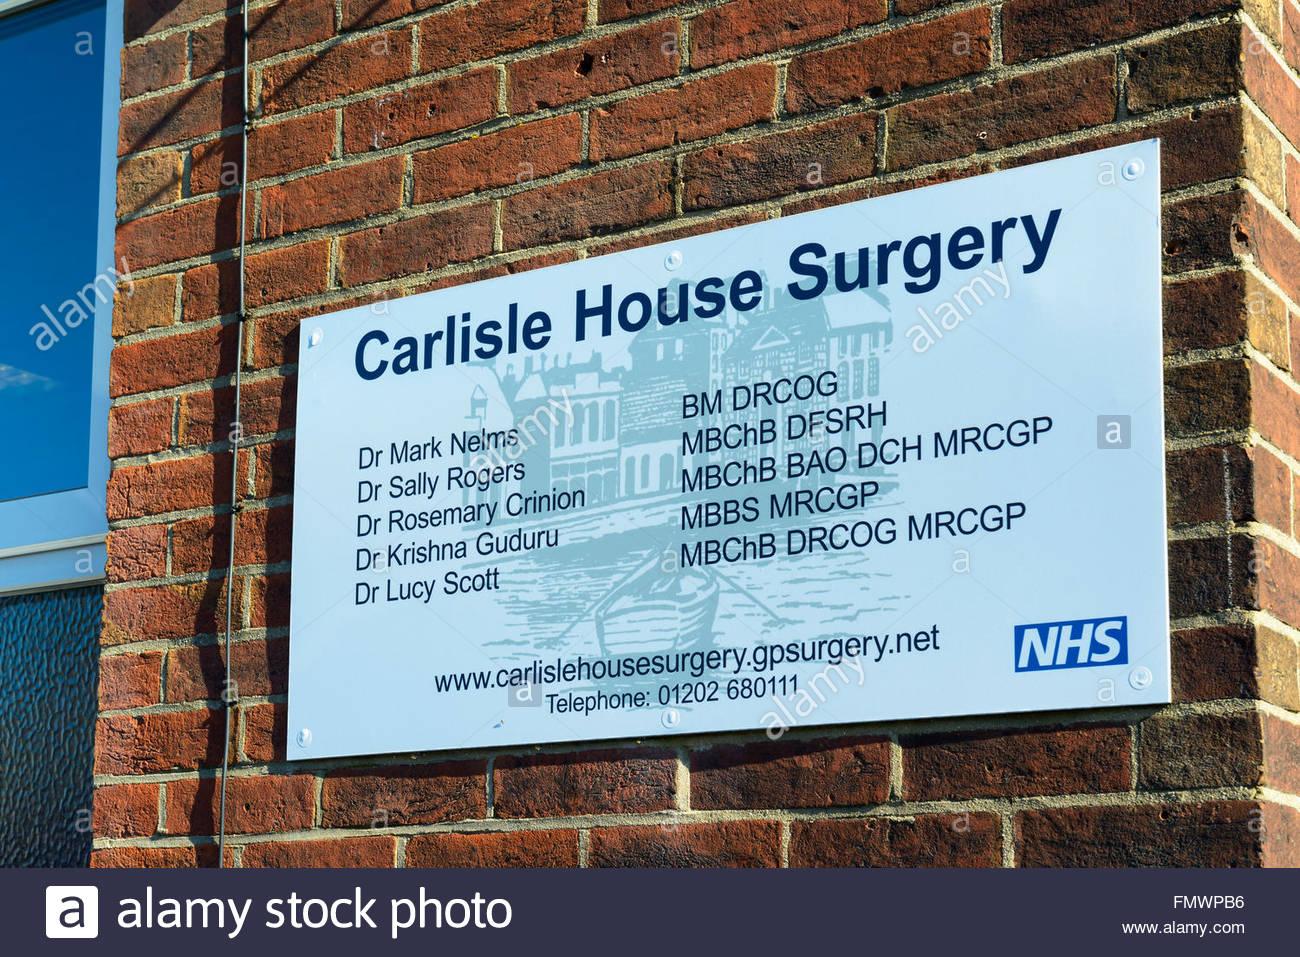 Carlisle House NHS Surgery sign, Poole, Dorset, England, UK - Stock Image